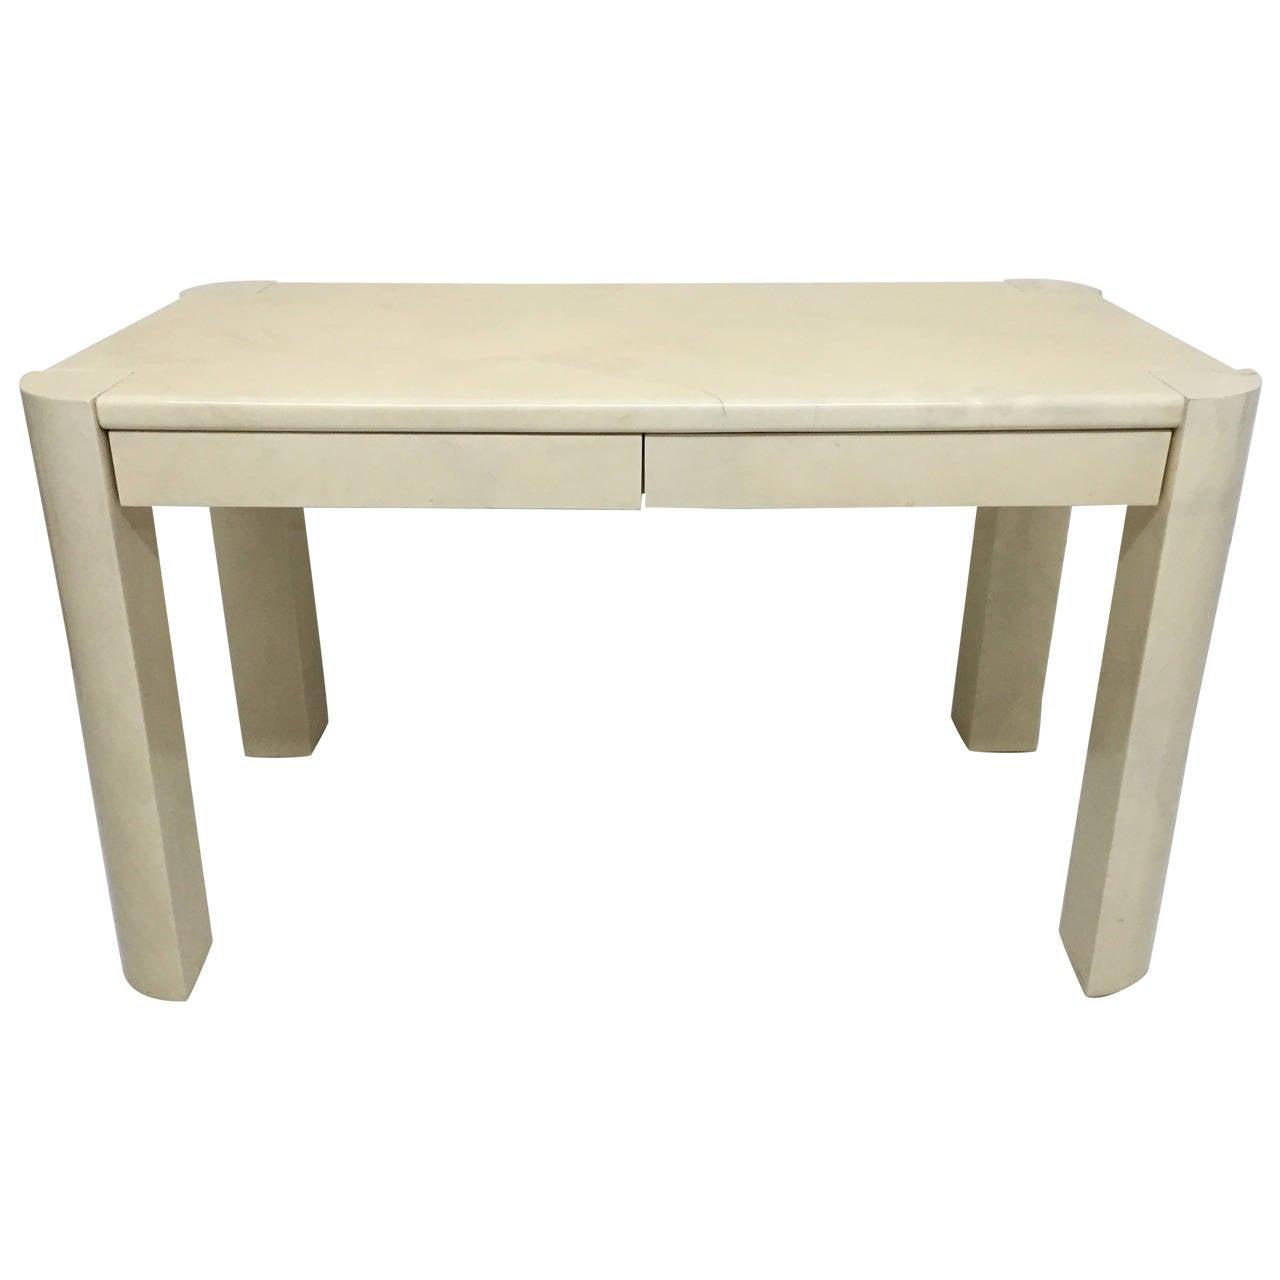 Karl Springer Angular Leg Desk in Ivory Lacquered Goatskin For Sale